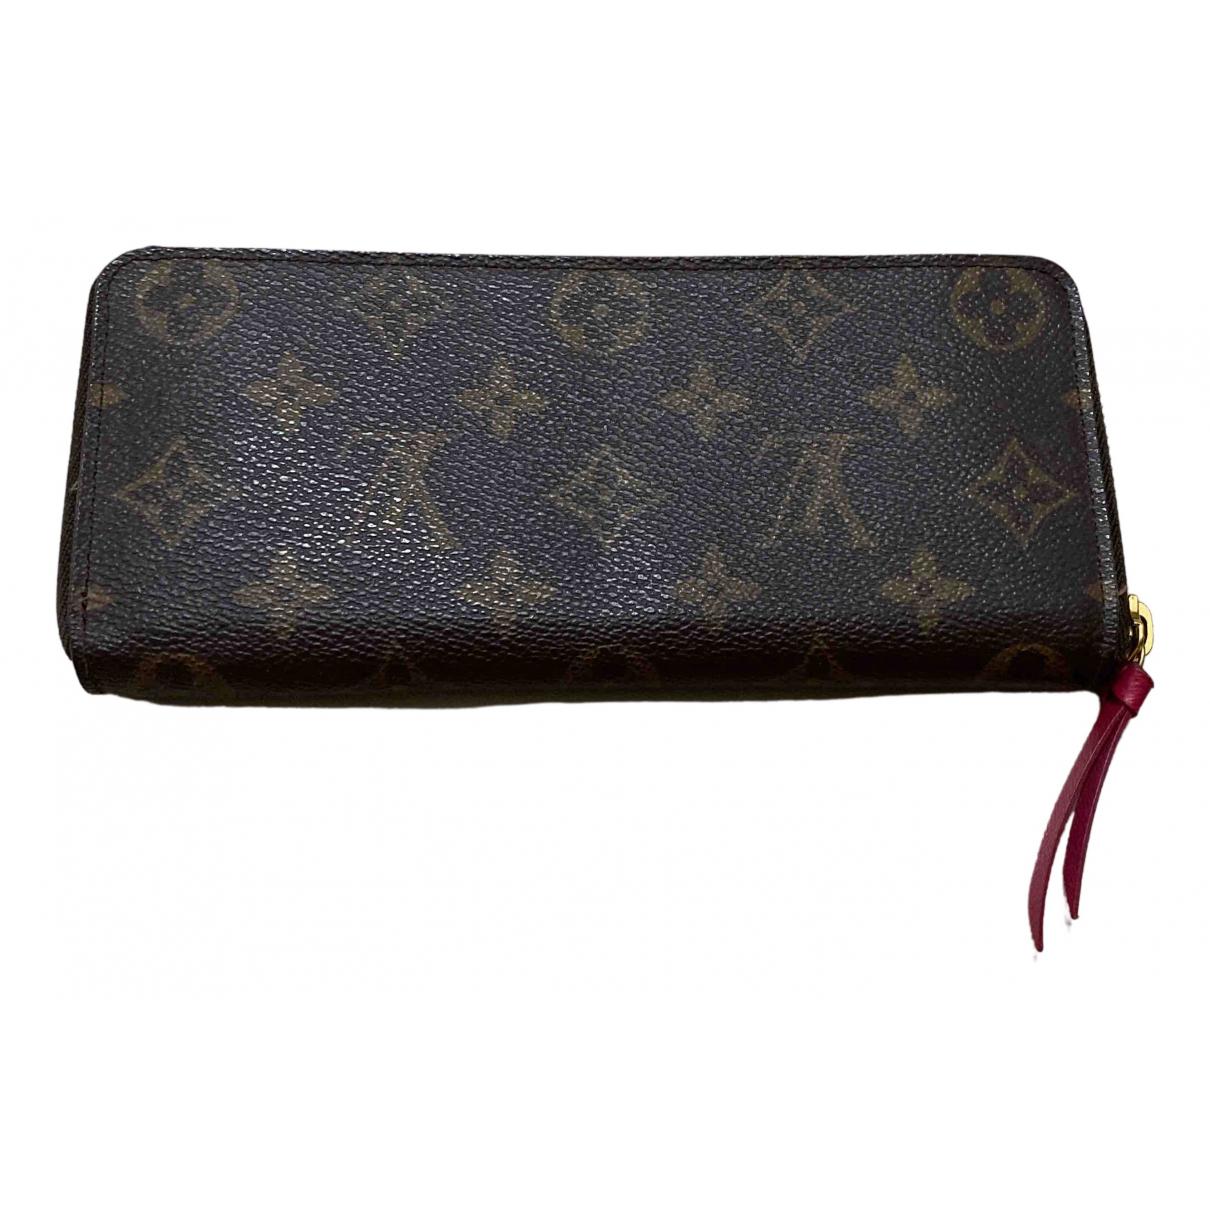 Louis Vuitton Clemence Portemonnaie in  Braun Leinen